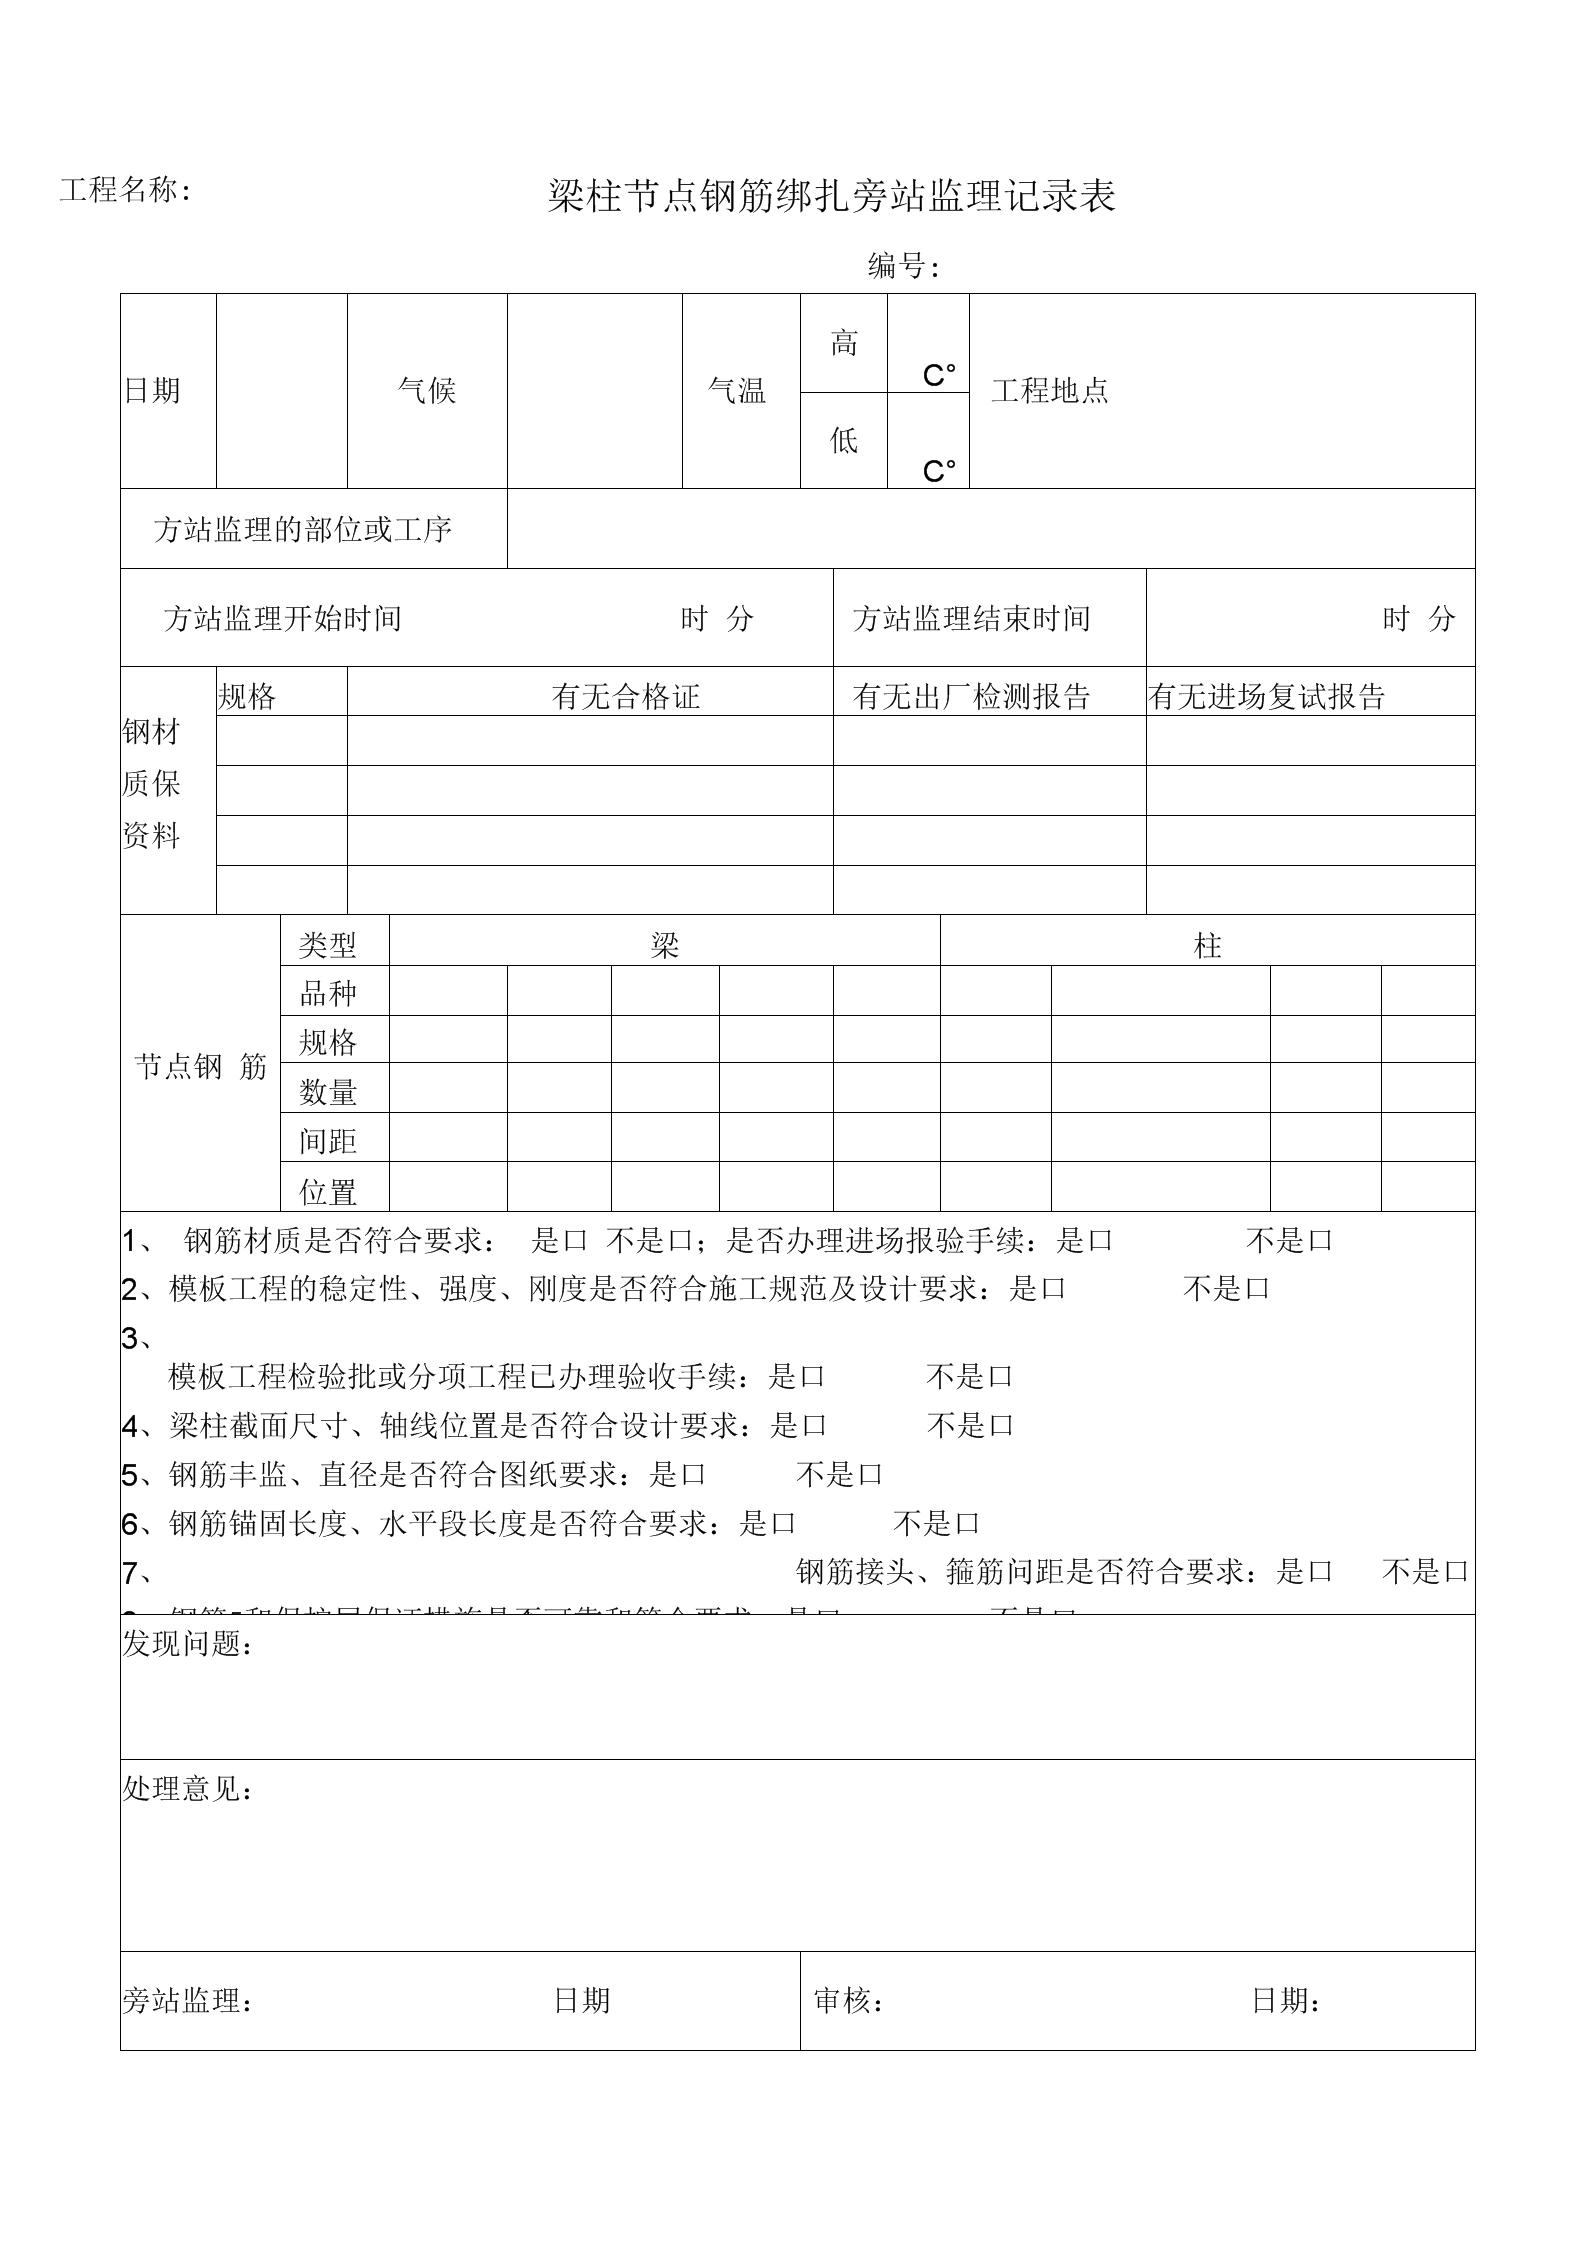 《梁柱节点钢筋绑扎旁站监理记录表(》.docx